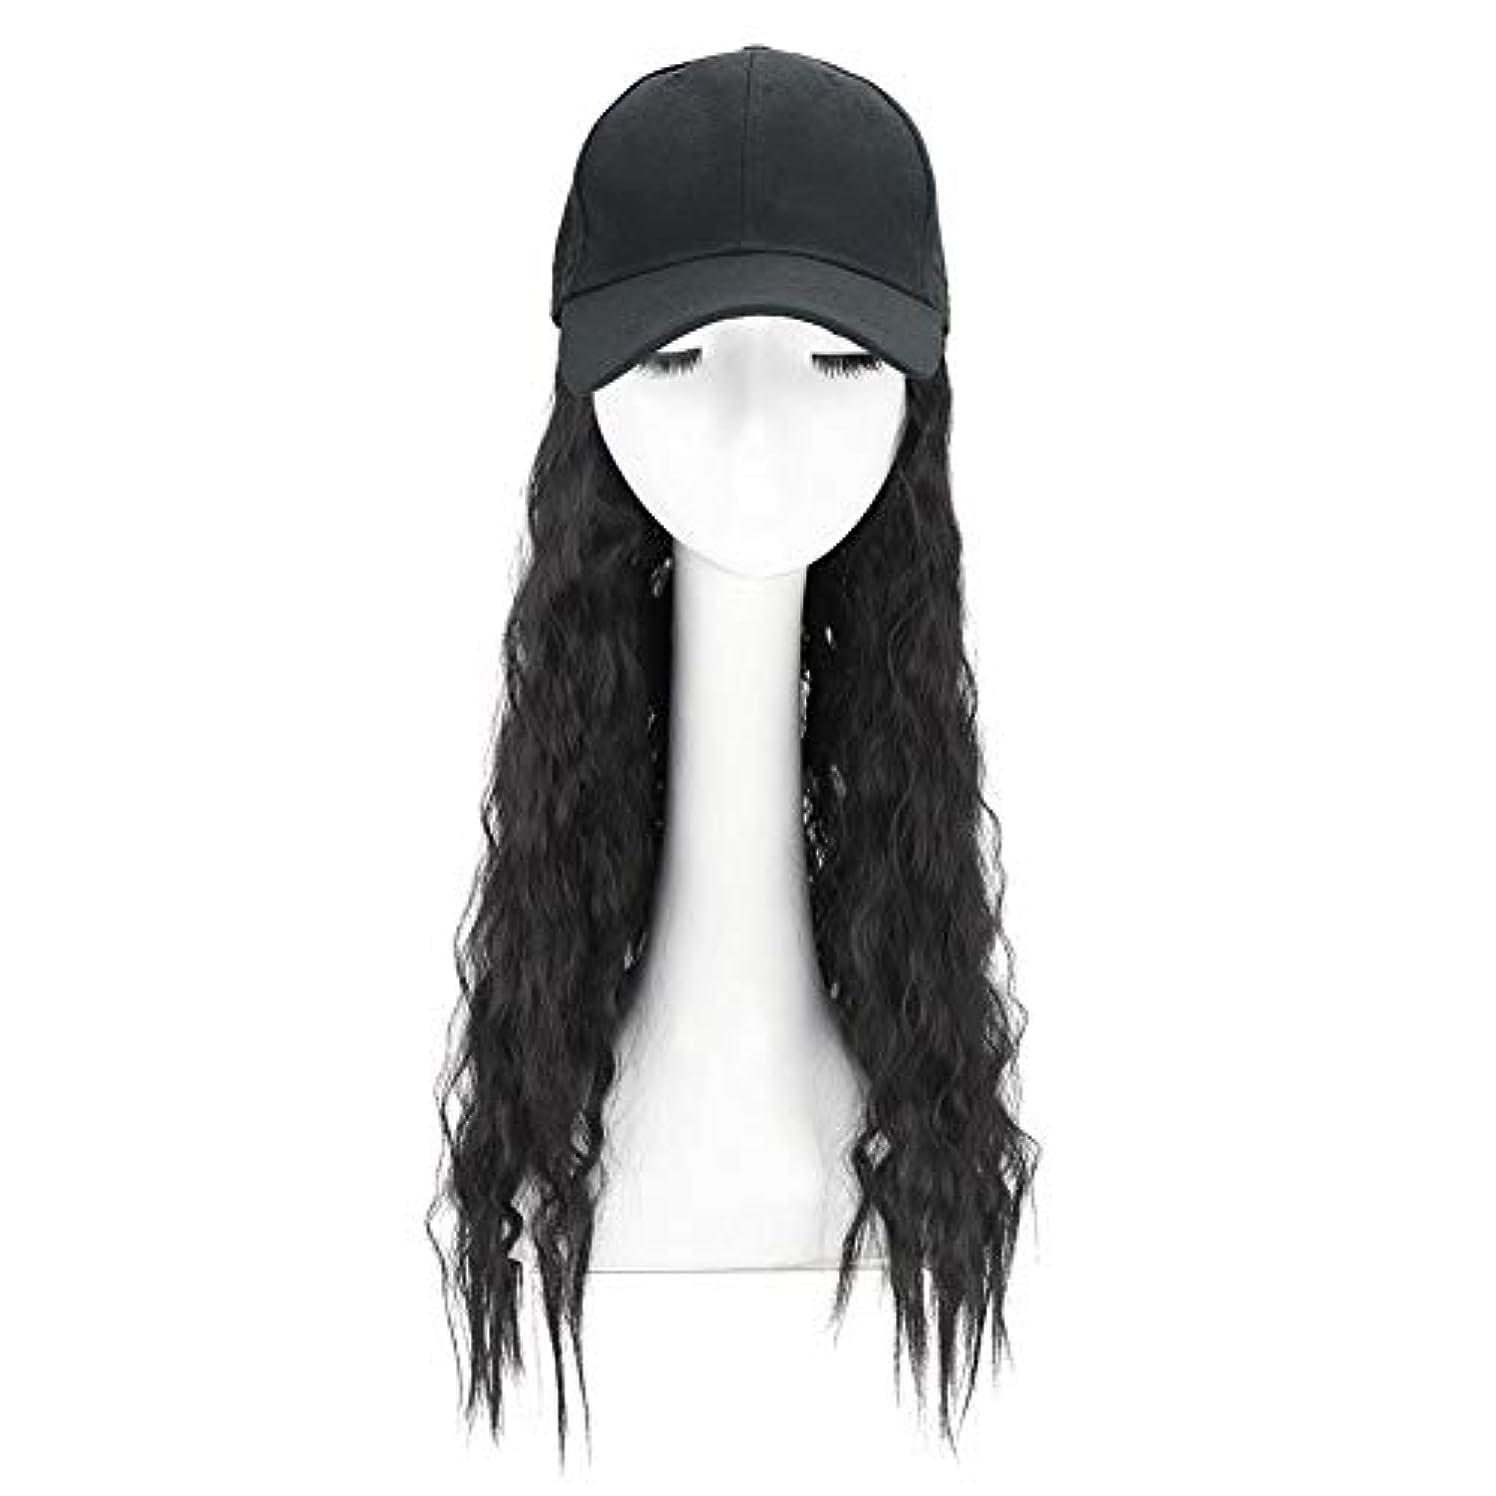 リー補う金貸しBrill(ブリーオ)帽子ロングカーリーウェーブ女性ファッション野球帽ブラックウィッグ